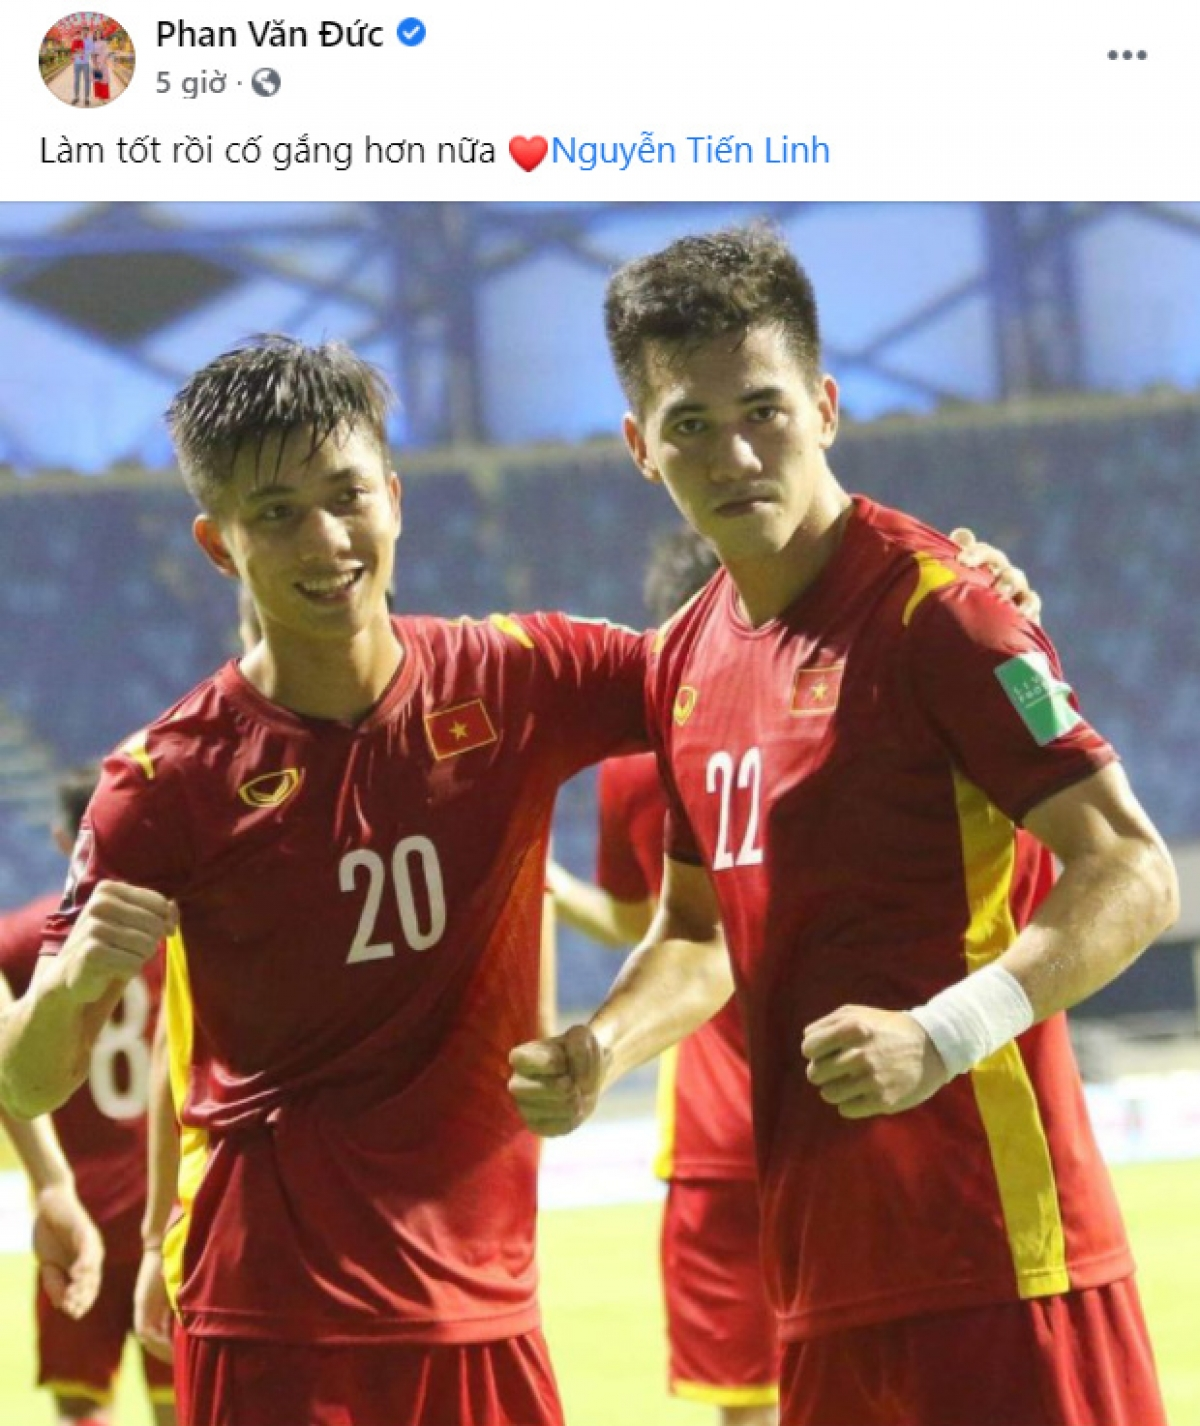 Phan Văn Đức quyết tâm thi đấu tốt hơn nữa cùng Tiến Linh.